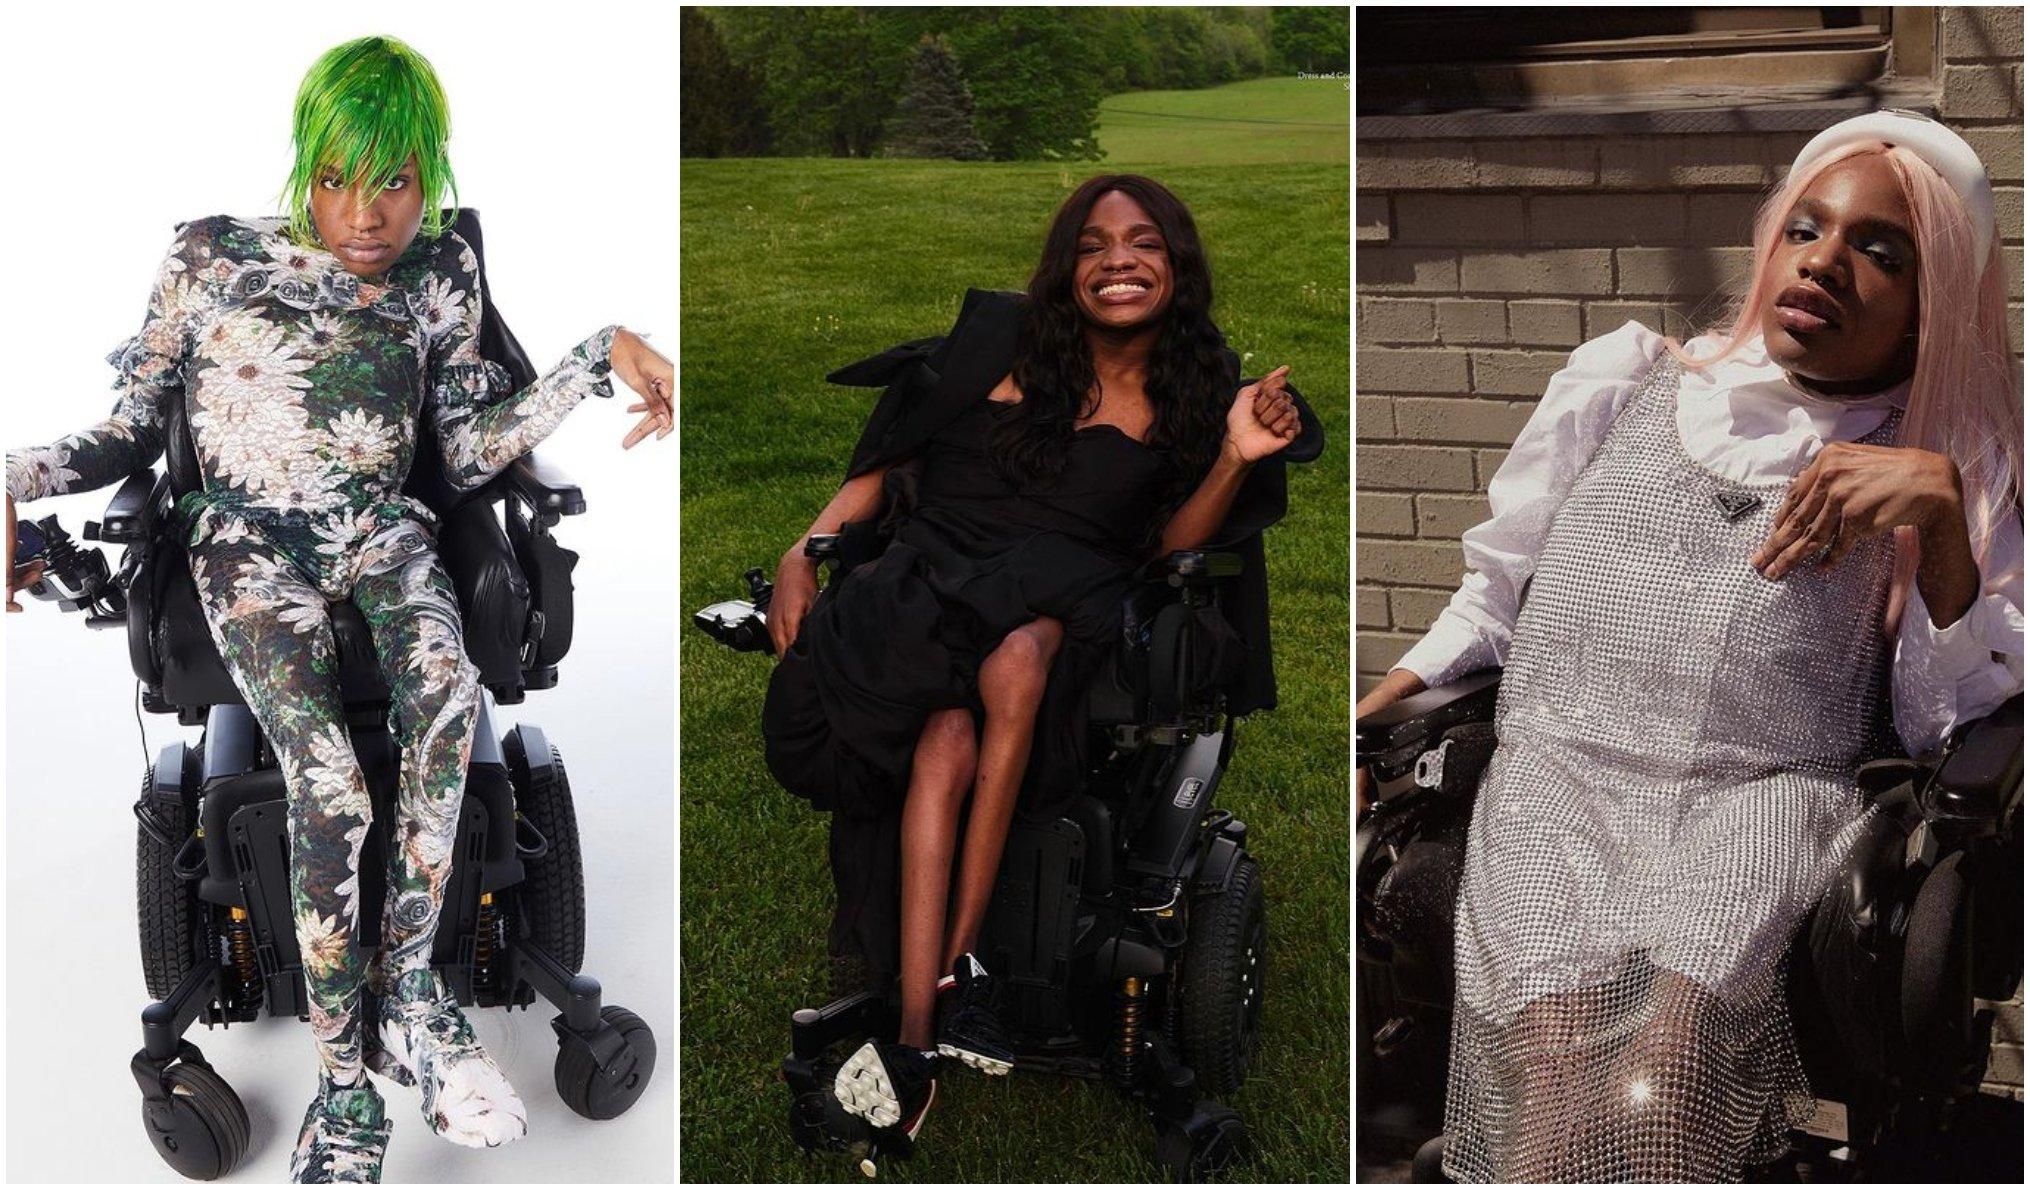 Aaron Rose Philip, la primera modelo trans con discapacidad en desfilar alta costura